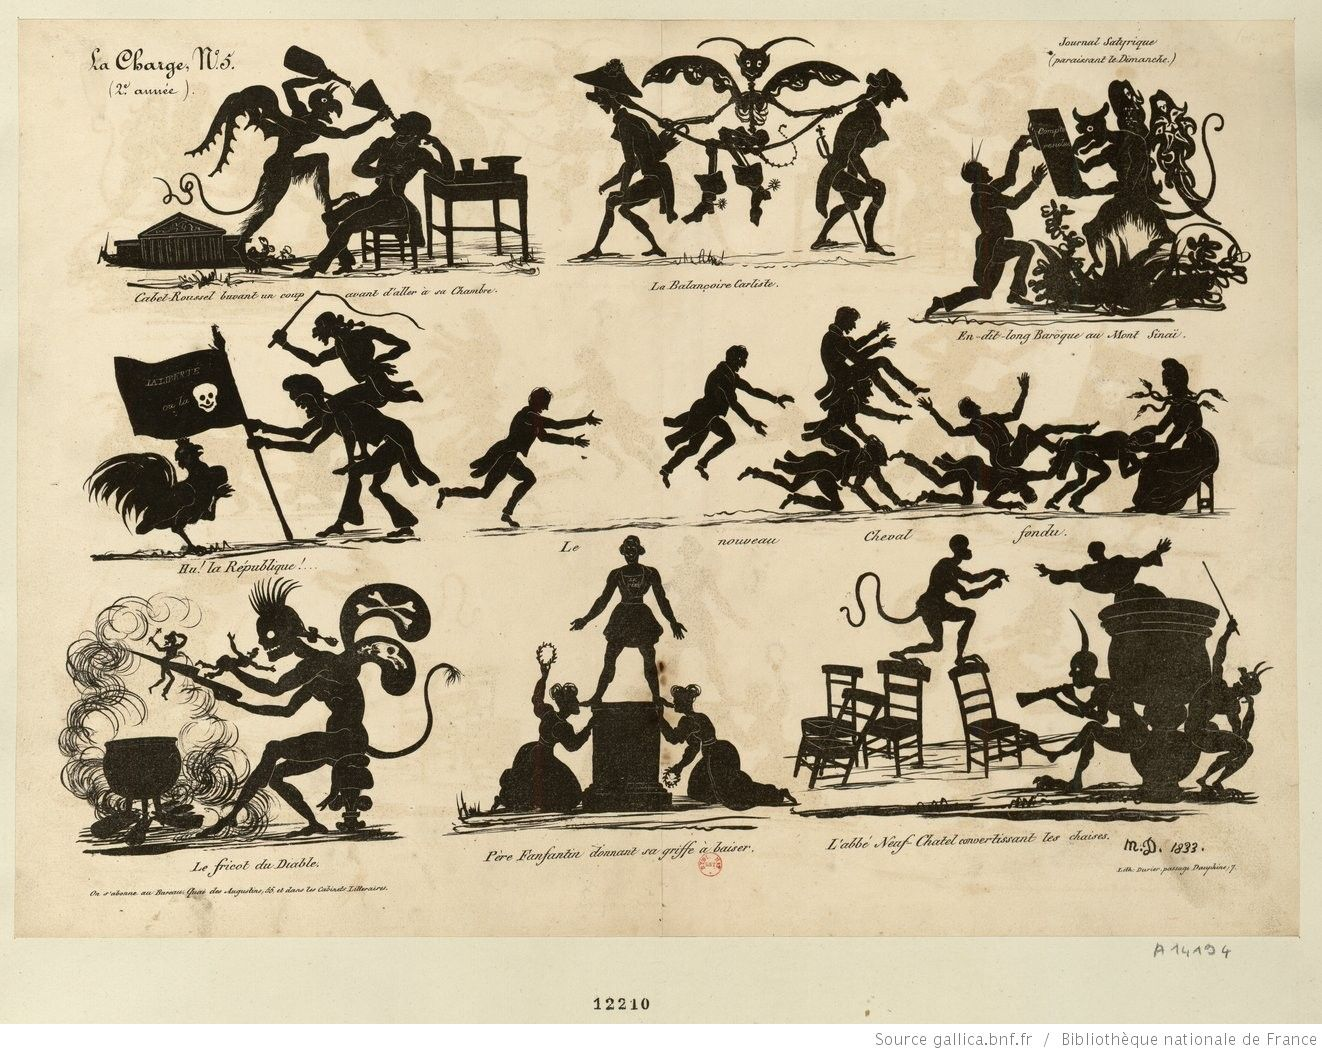 Diableries. Panneau de silhouettes satiriques : trois rangs superposés, avec les titres des images au-dessous de chacune d'elles. Delaporte, Michel (1806-1872).